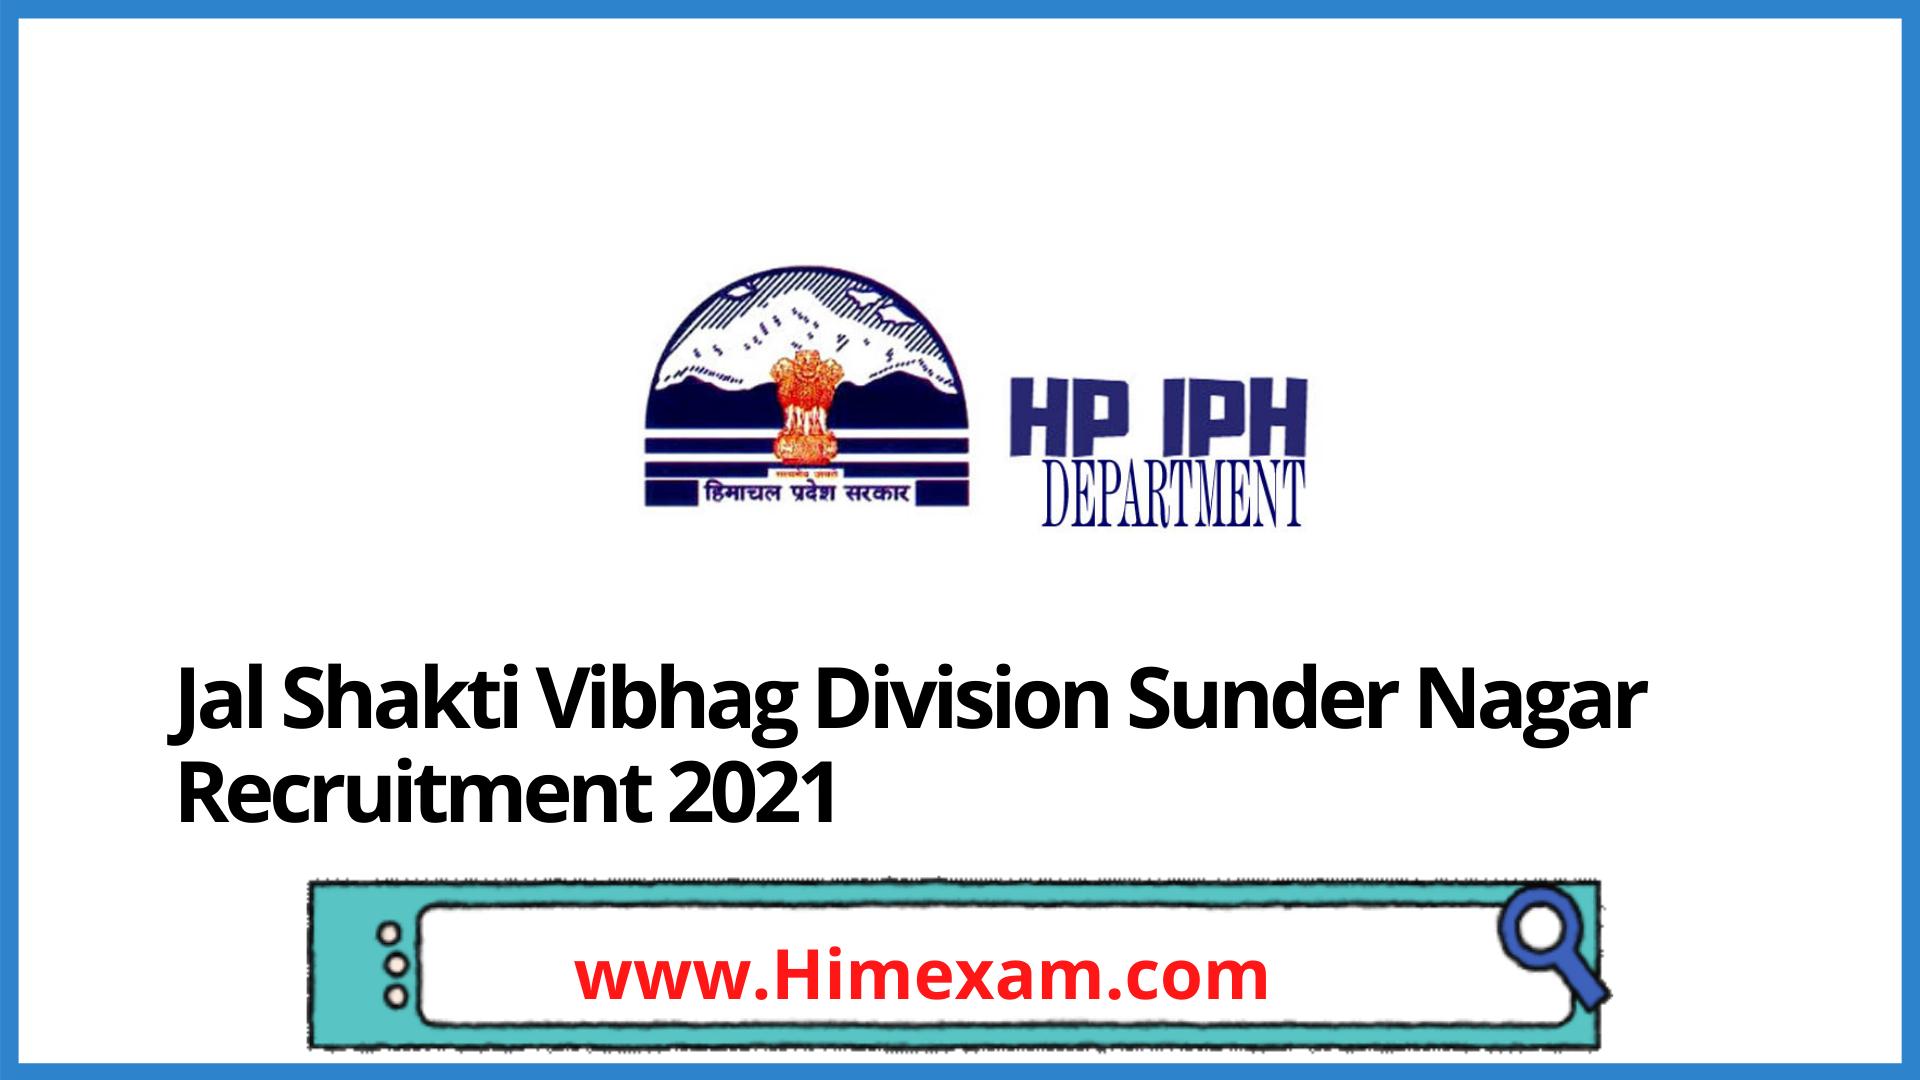 Jal Shakti Vibhag Division Sunder Nagar Recruitment 2021